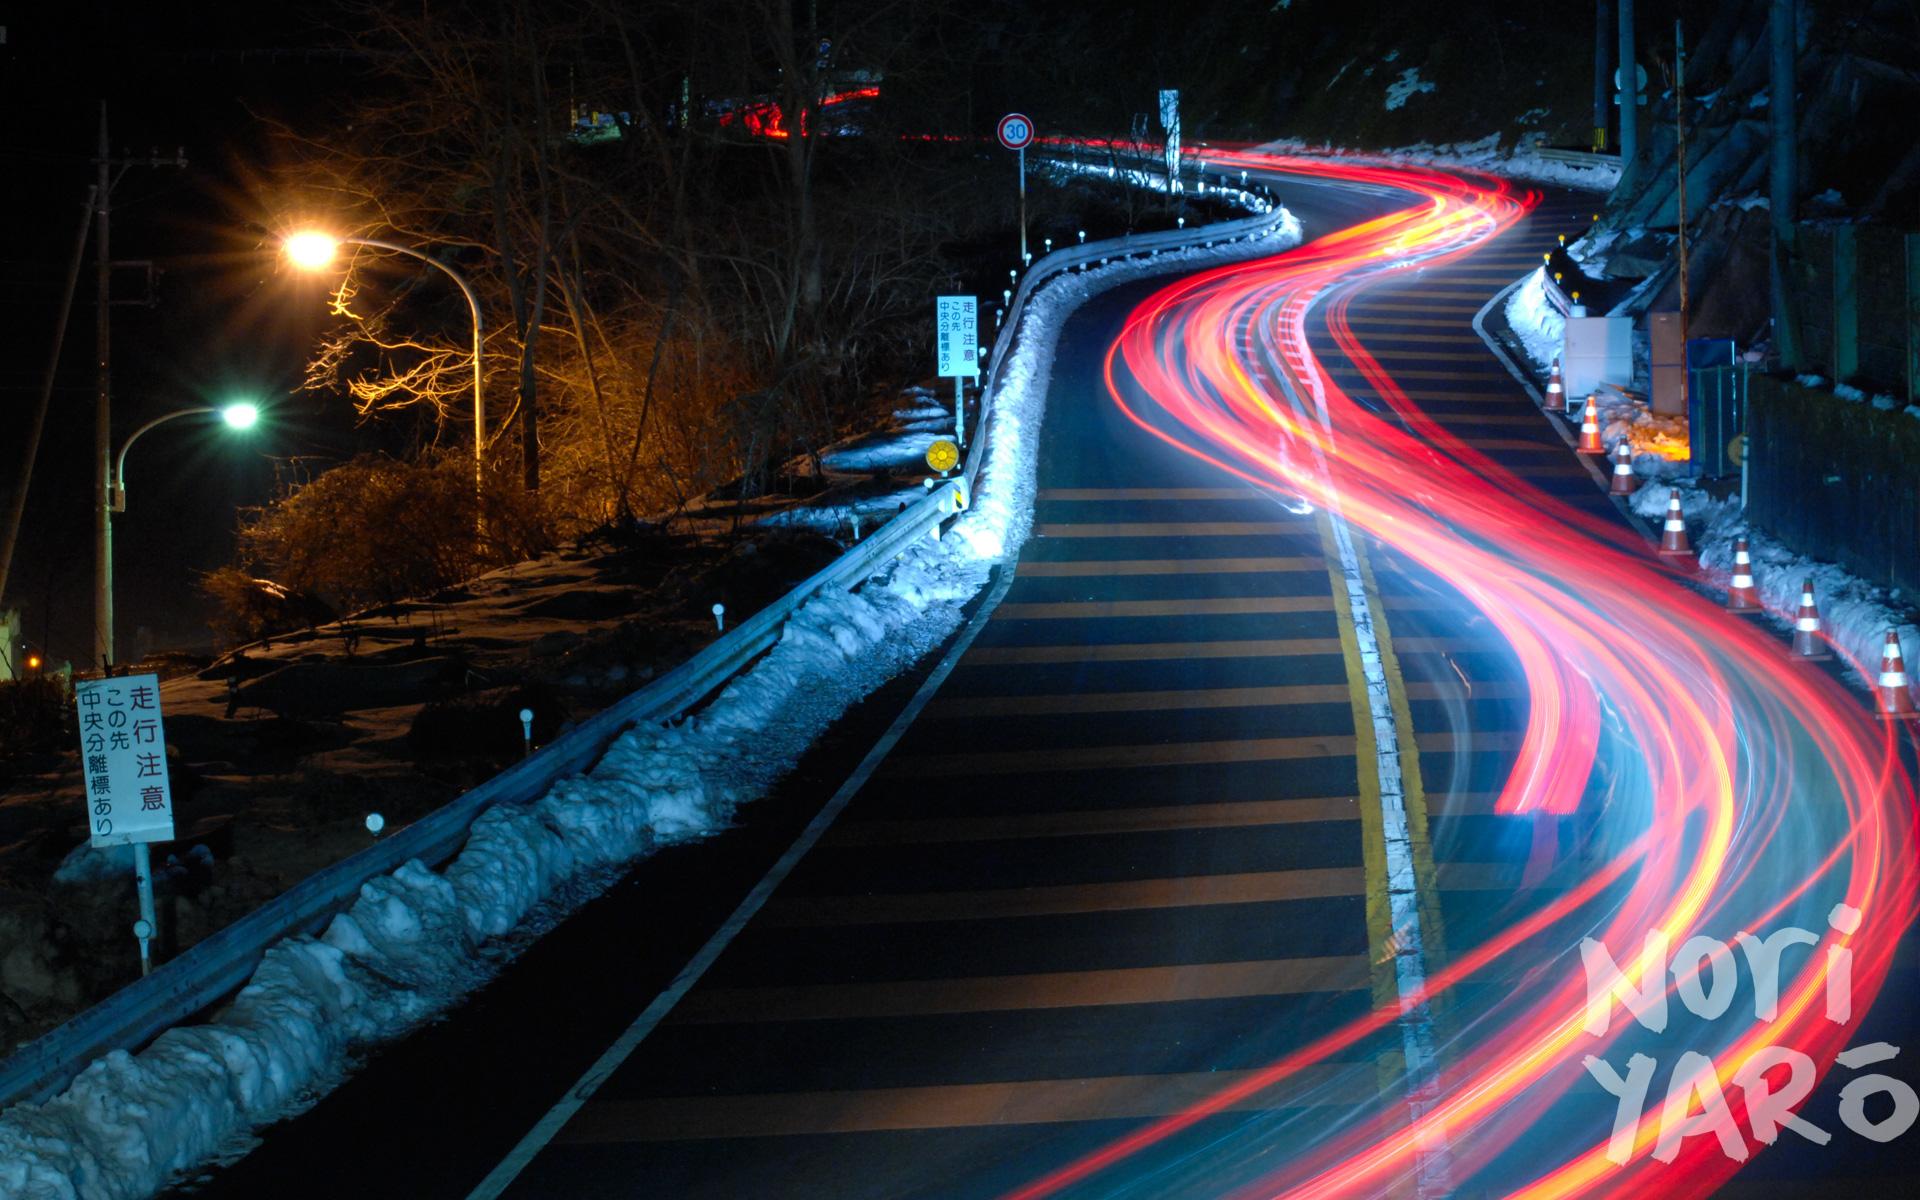 street drift ストリートドリフト : noriyaro